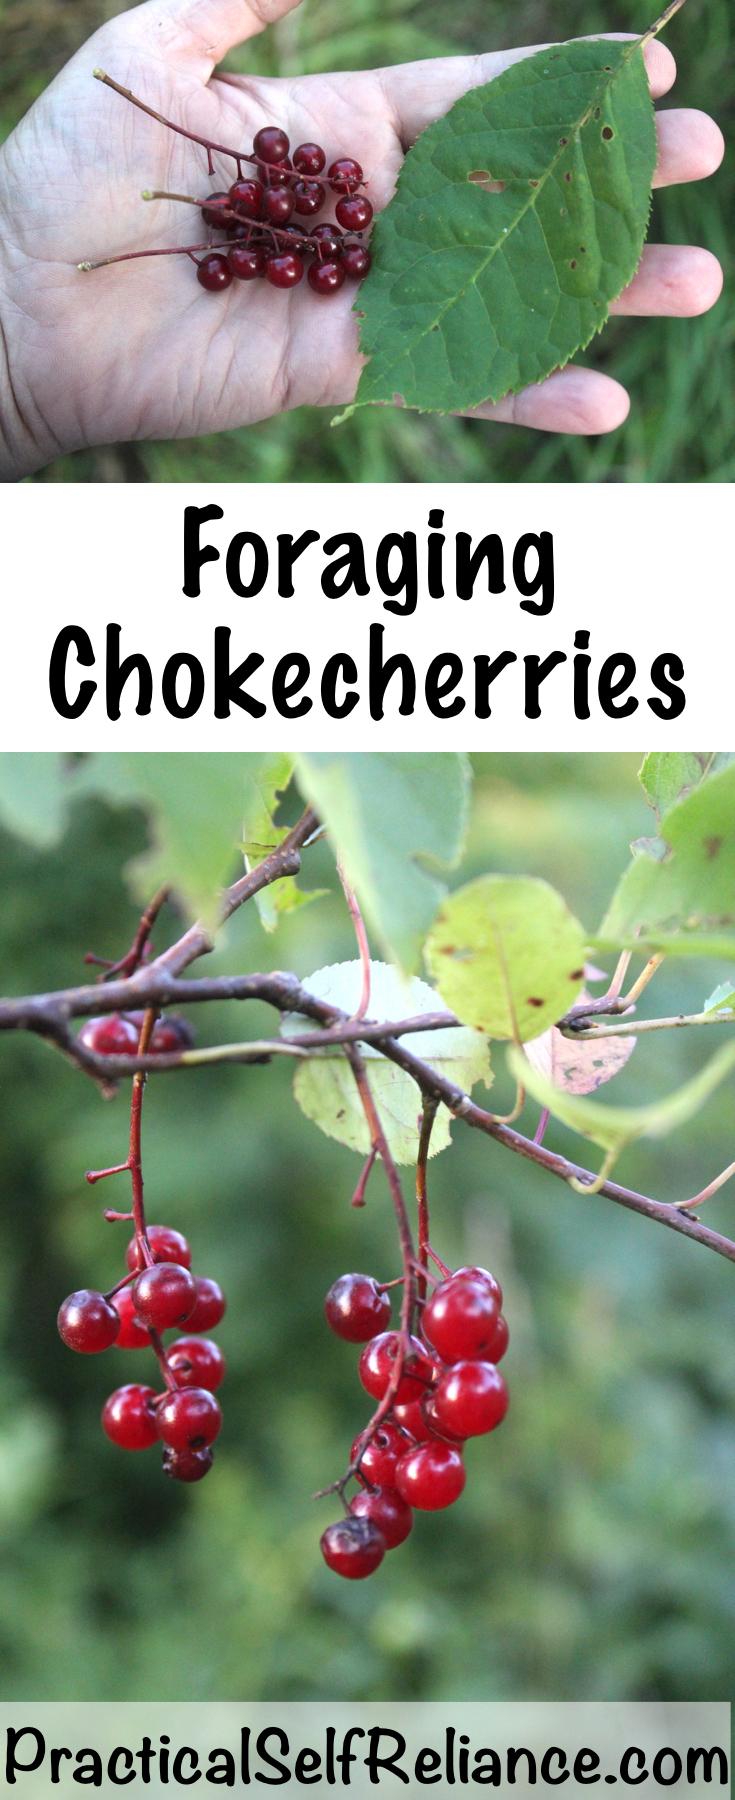 Foraging Chokecherries ~ Identifying and Using Chokecherries